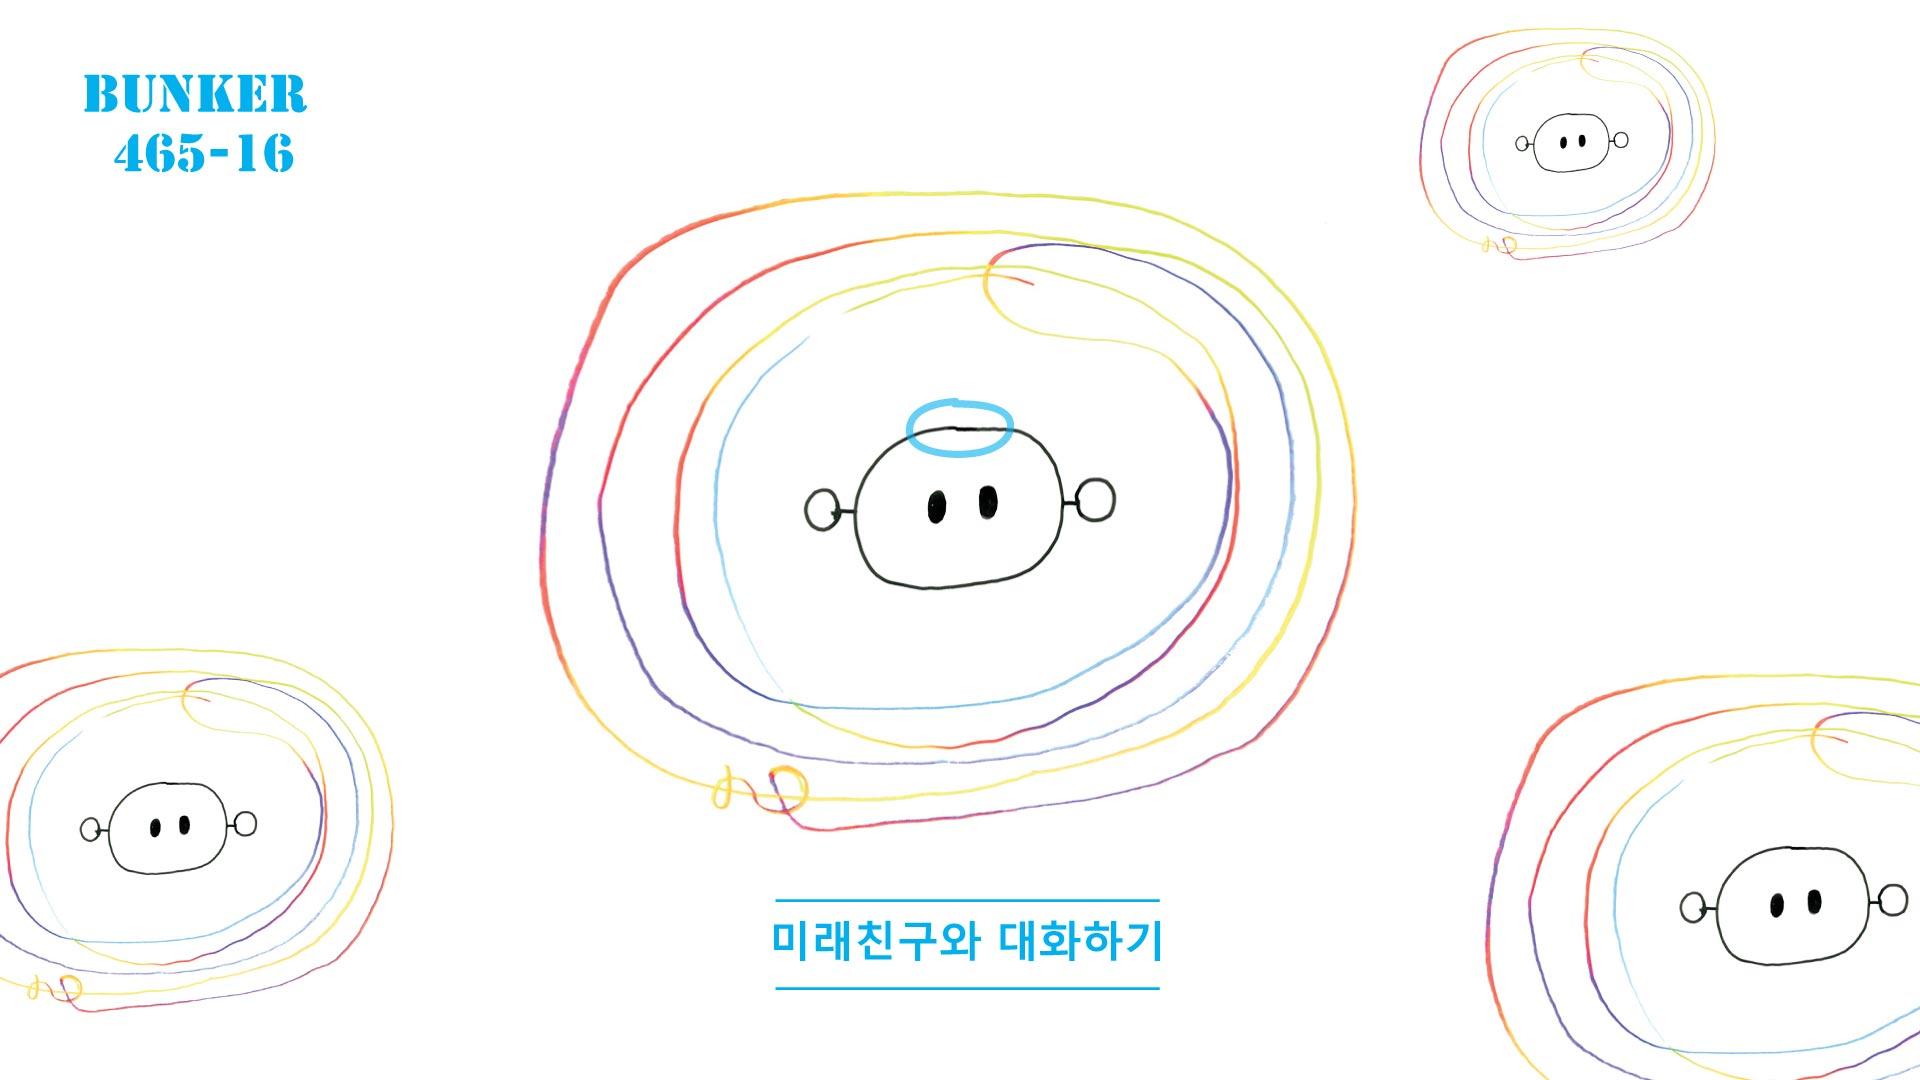 인공지능: 미래친구와 대화하기